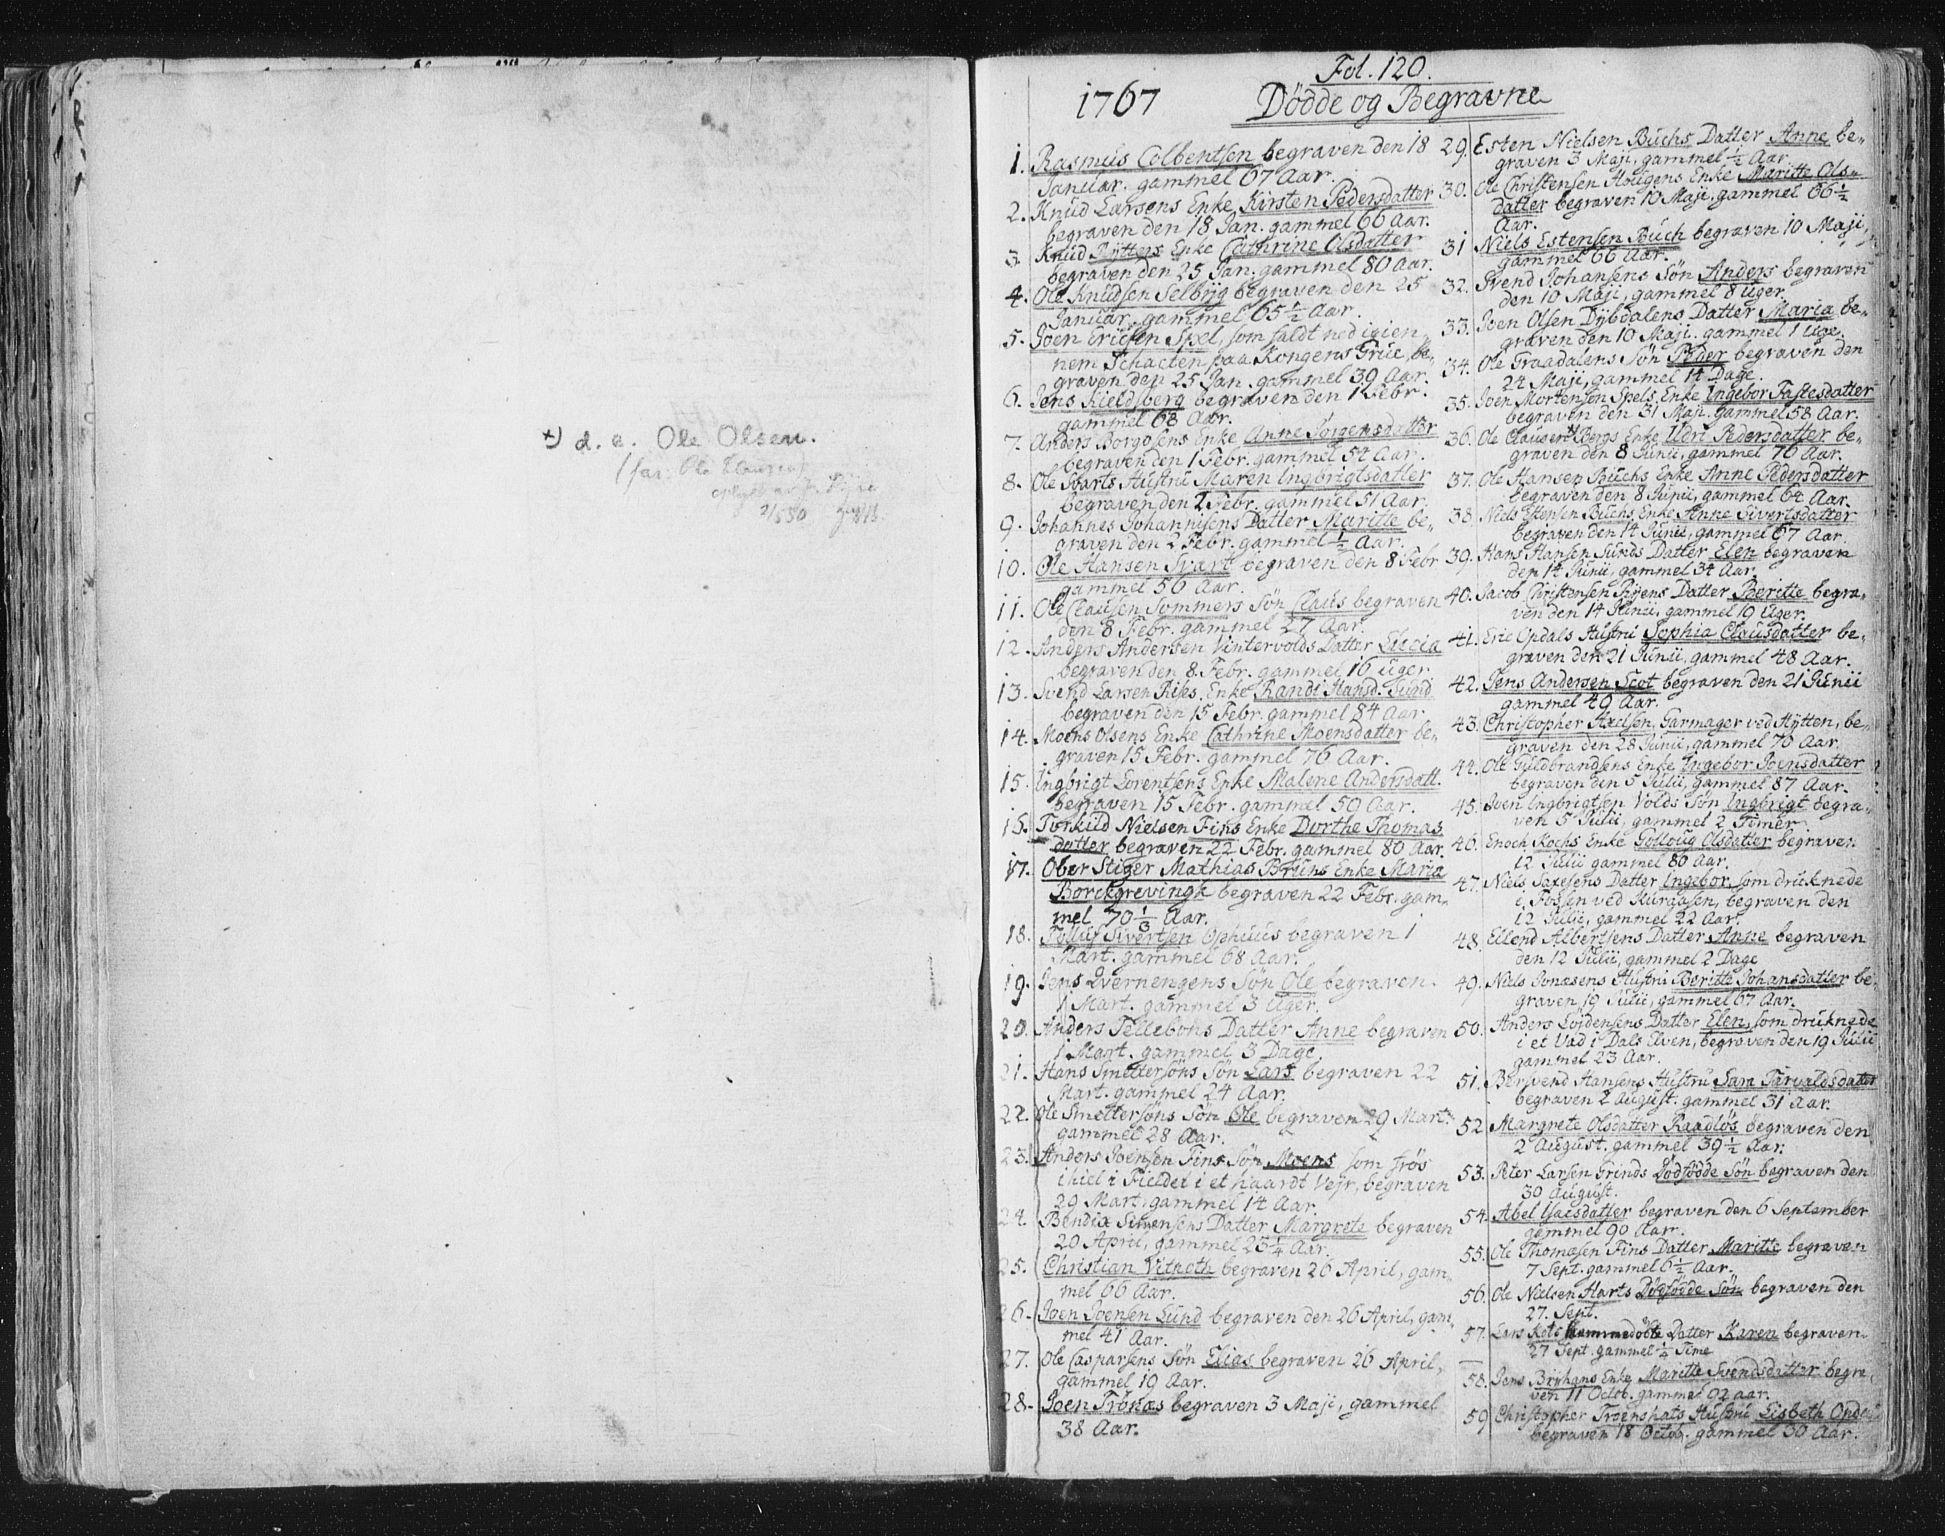 SAT, Ministerialprotokoller, klokkerbøker og fødselsregistre - Sør-Trøndelag, 681/L0926: Ministerialbok nr. 681A04, 1767-1797, s. 120